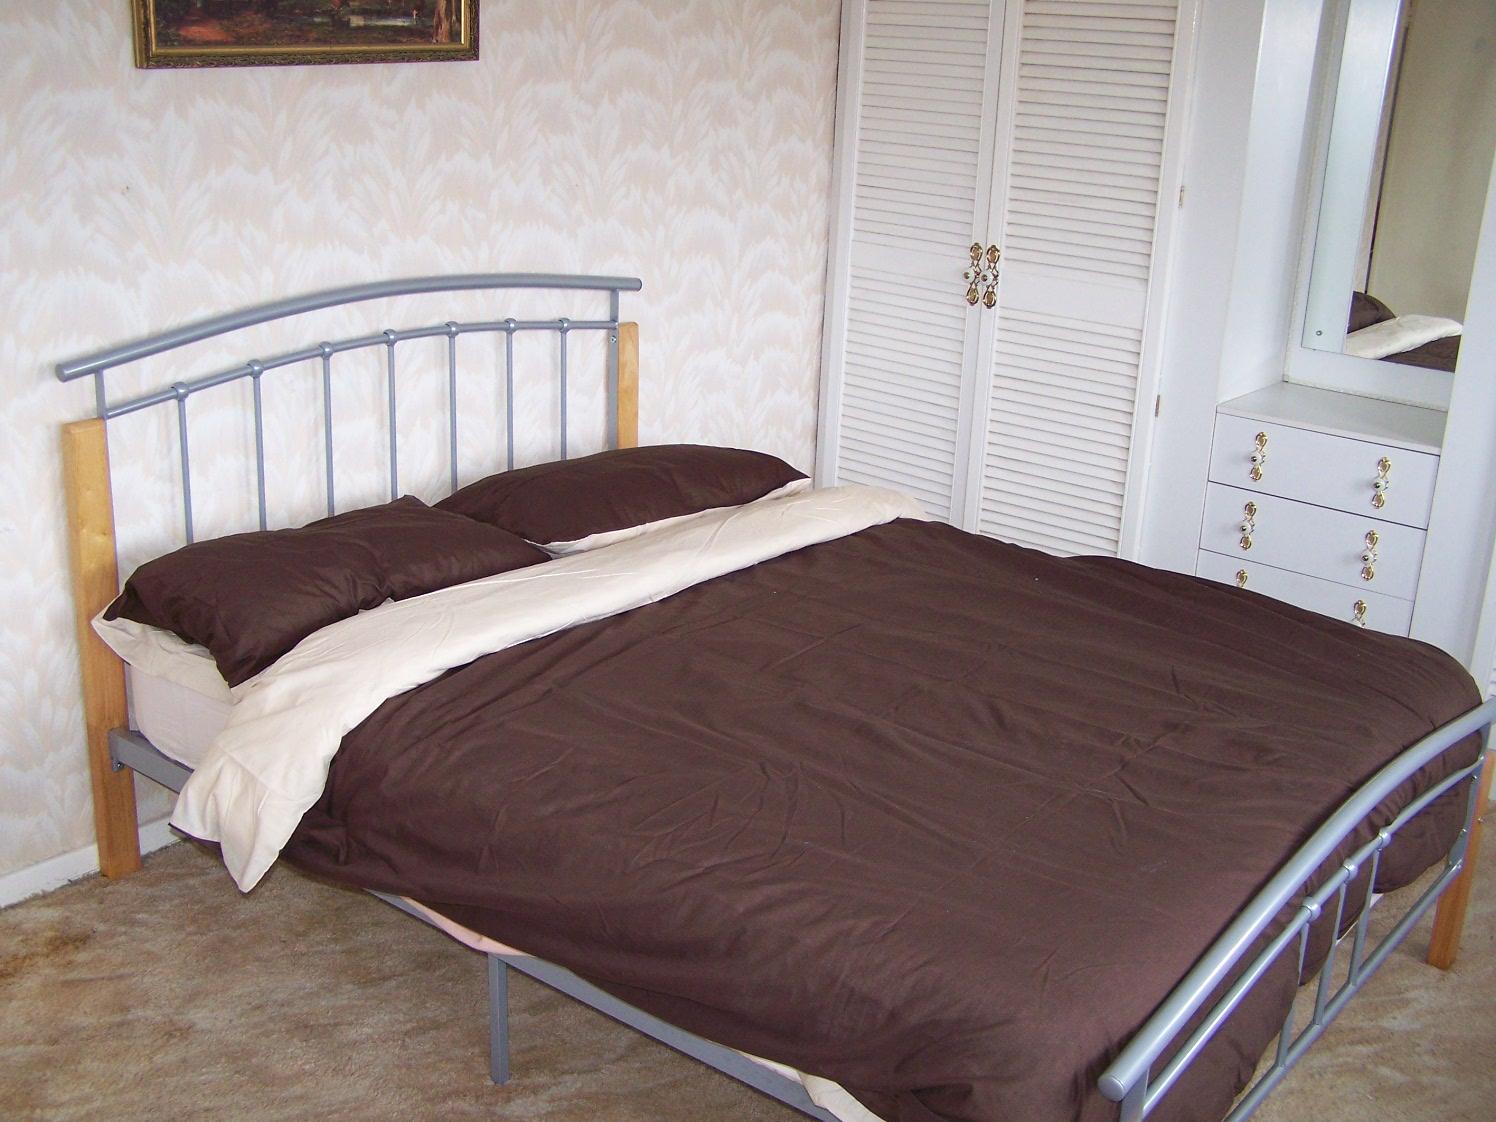 [bed+left.JPG]